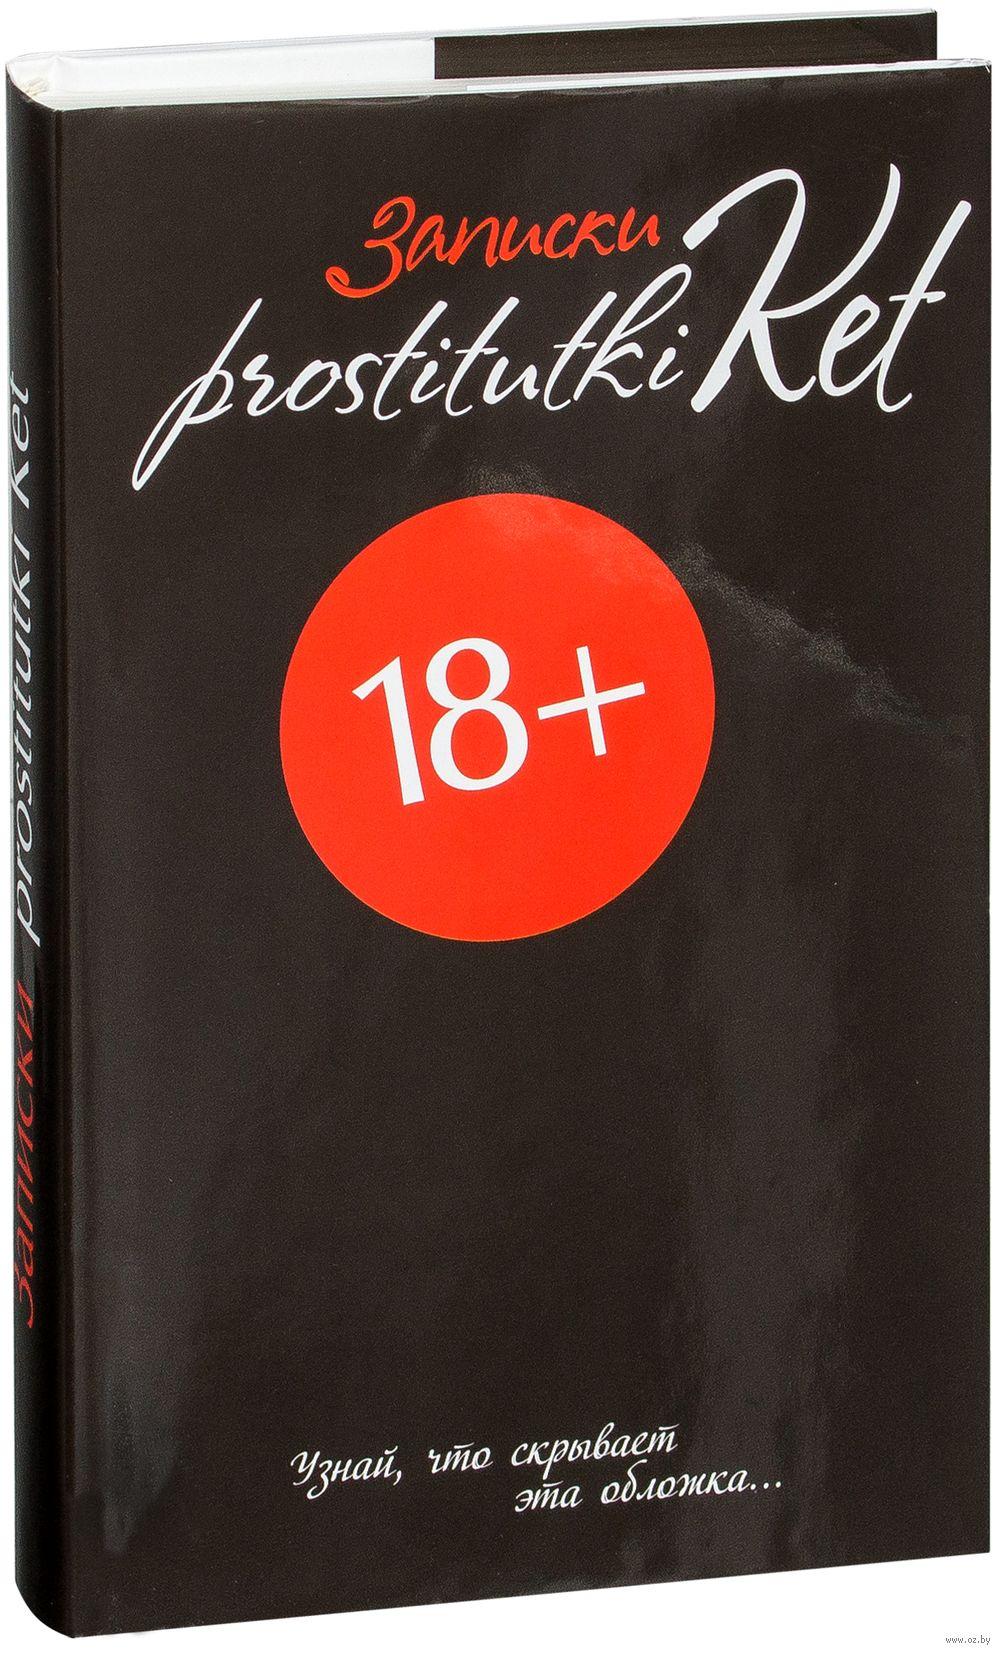 Проститутки питерa до 3000 зa ночь